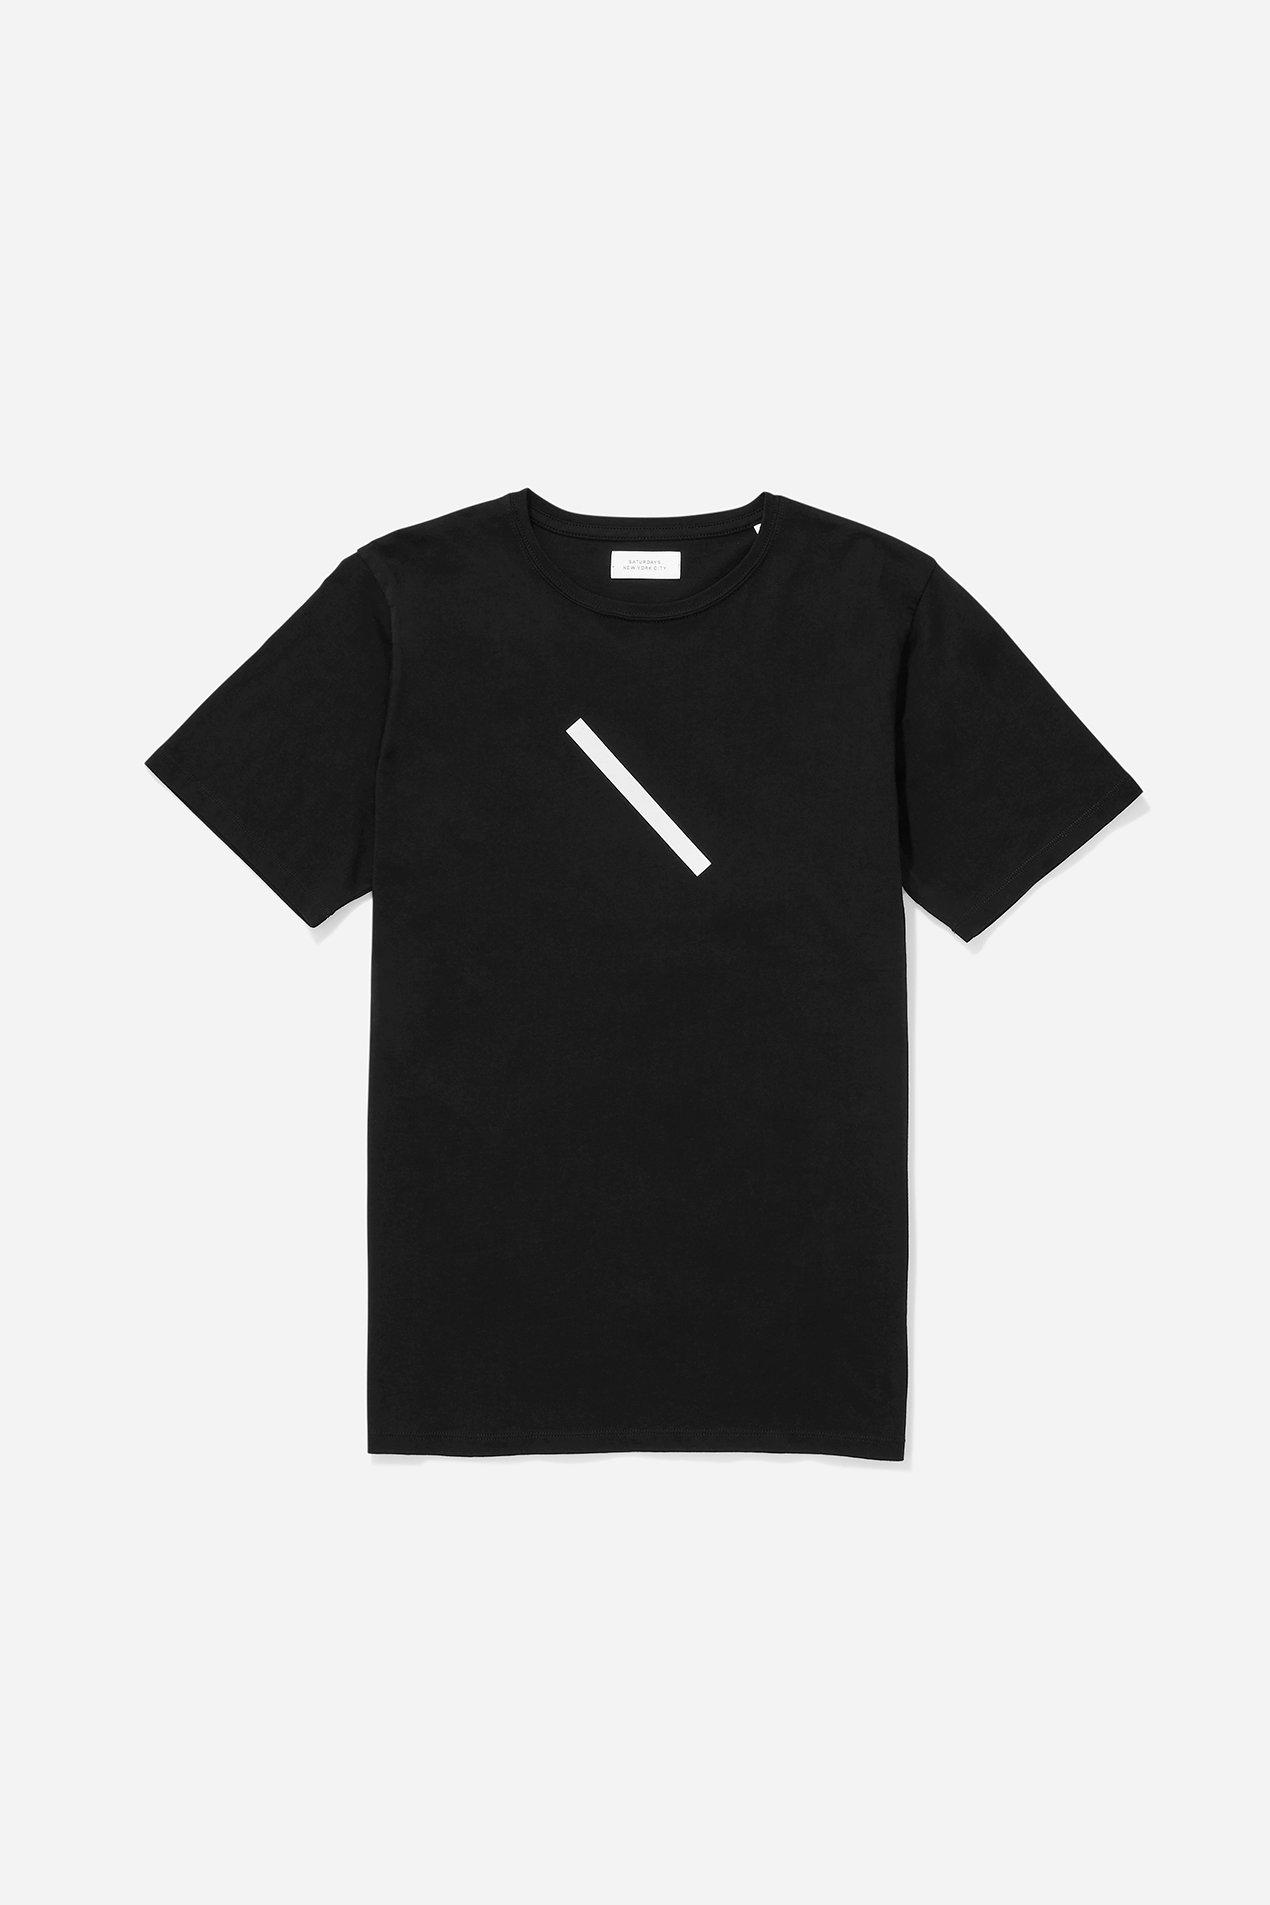 Saturdays NYC slash t-shirt- black.jpg